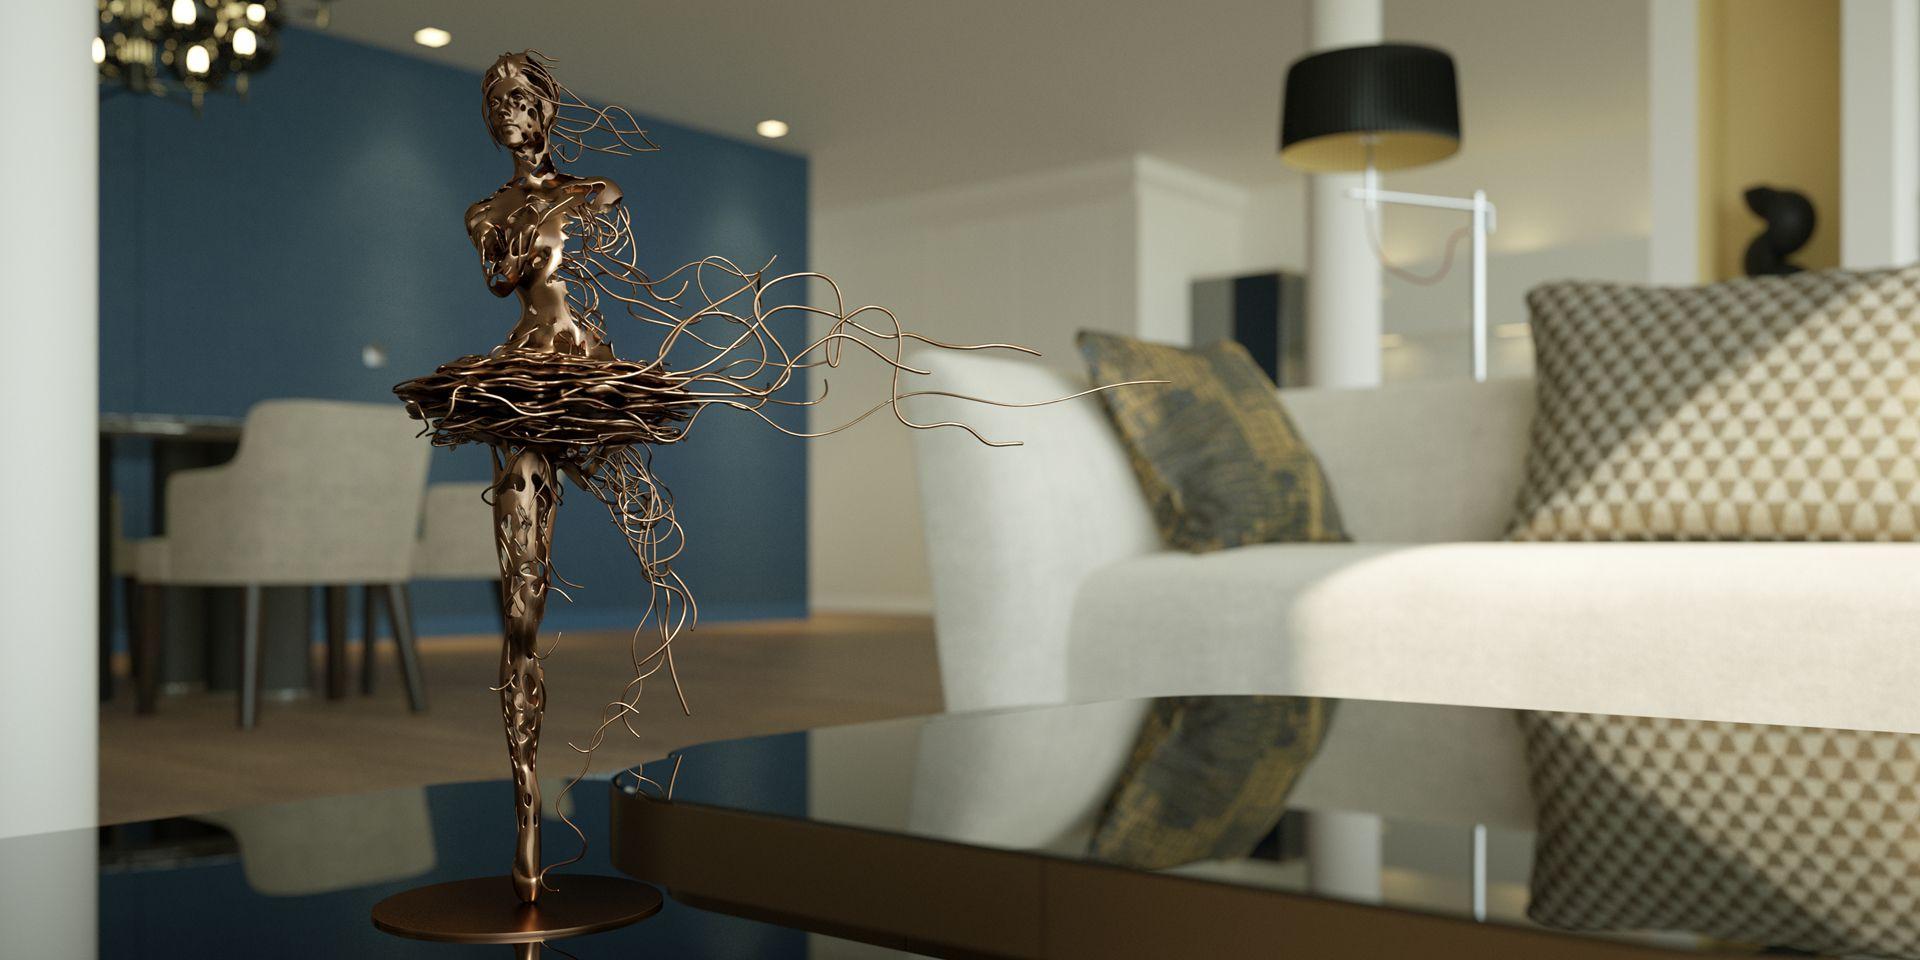 3D Visualisierung Elbphilharmonie Hamburg - Detail Ballerina